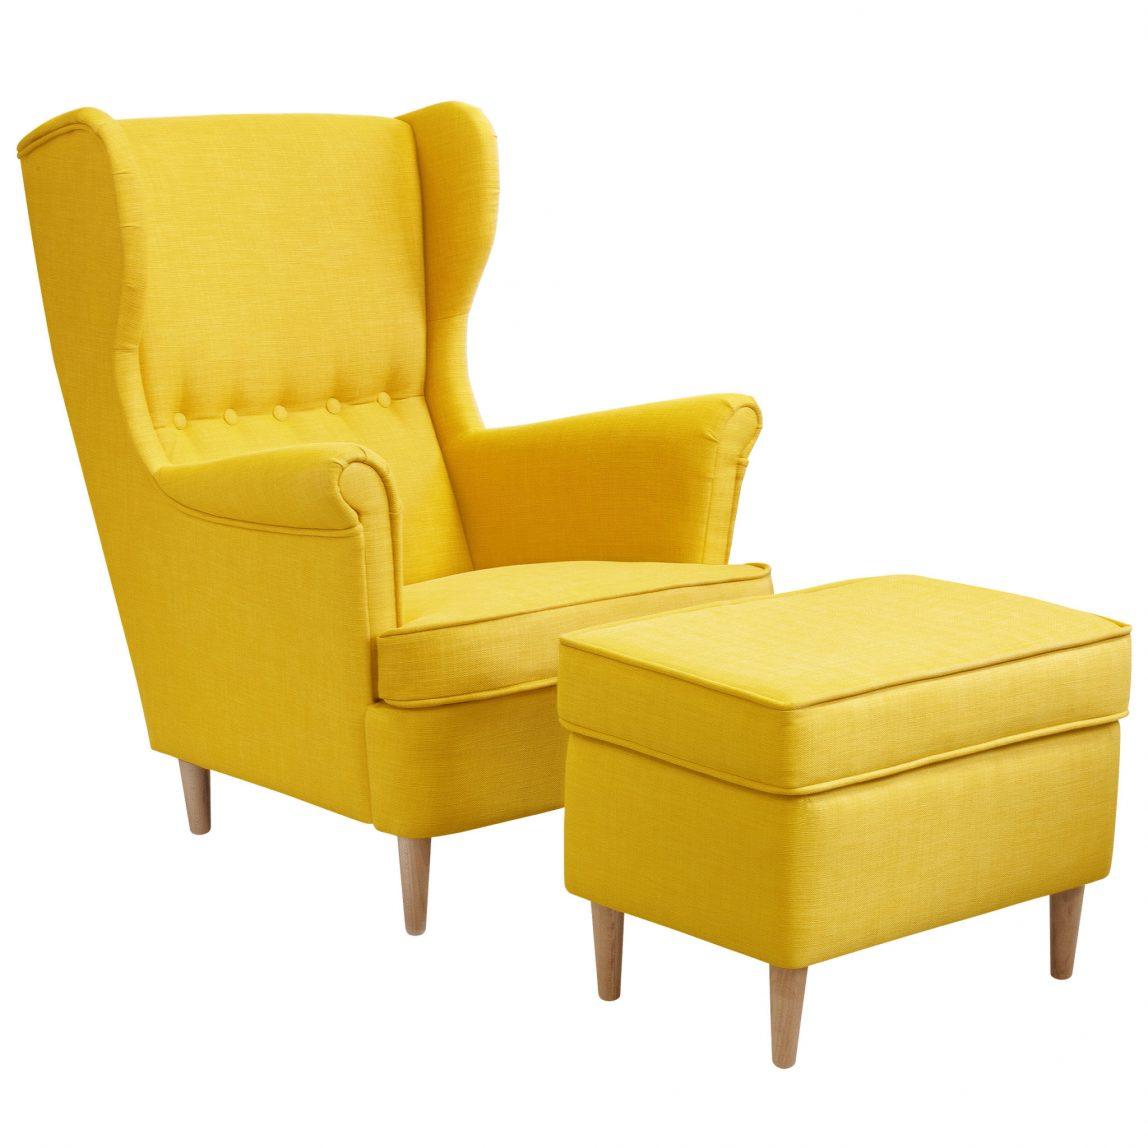 Каминное кресло с банкеткой Торн